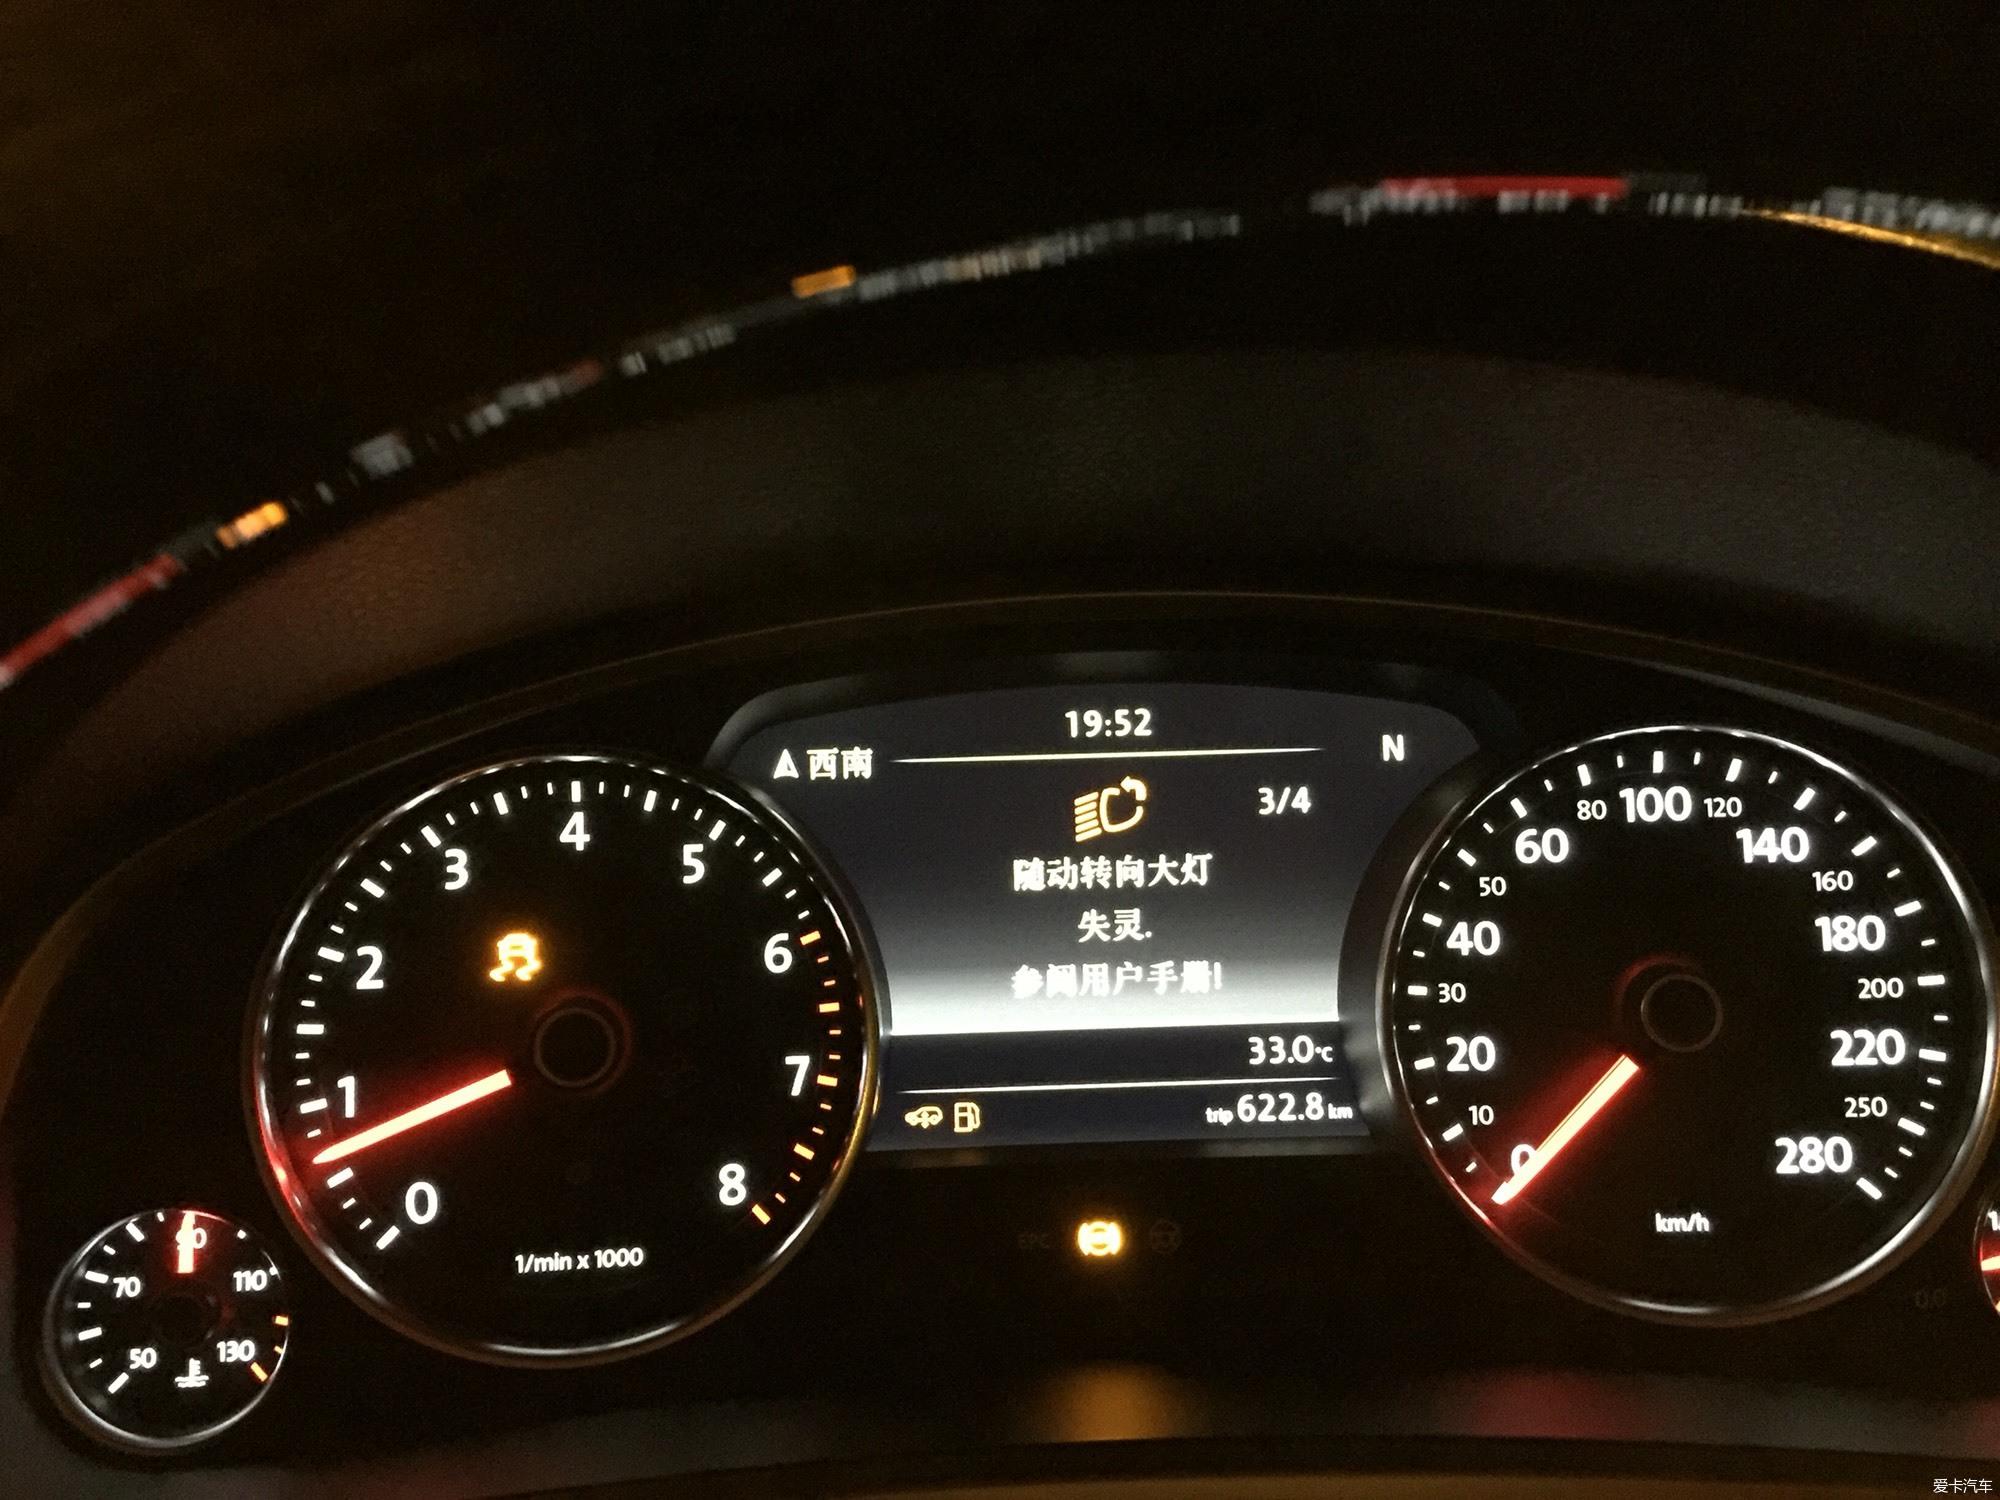 2013款途锐tsi仪表盘突然同时亮起五个黄色故障灯